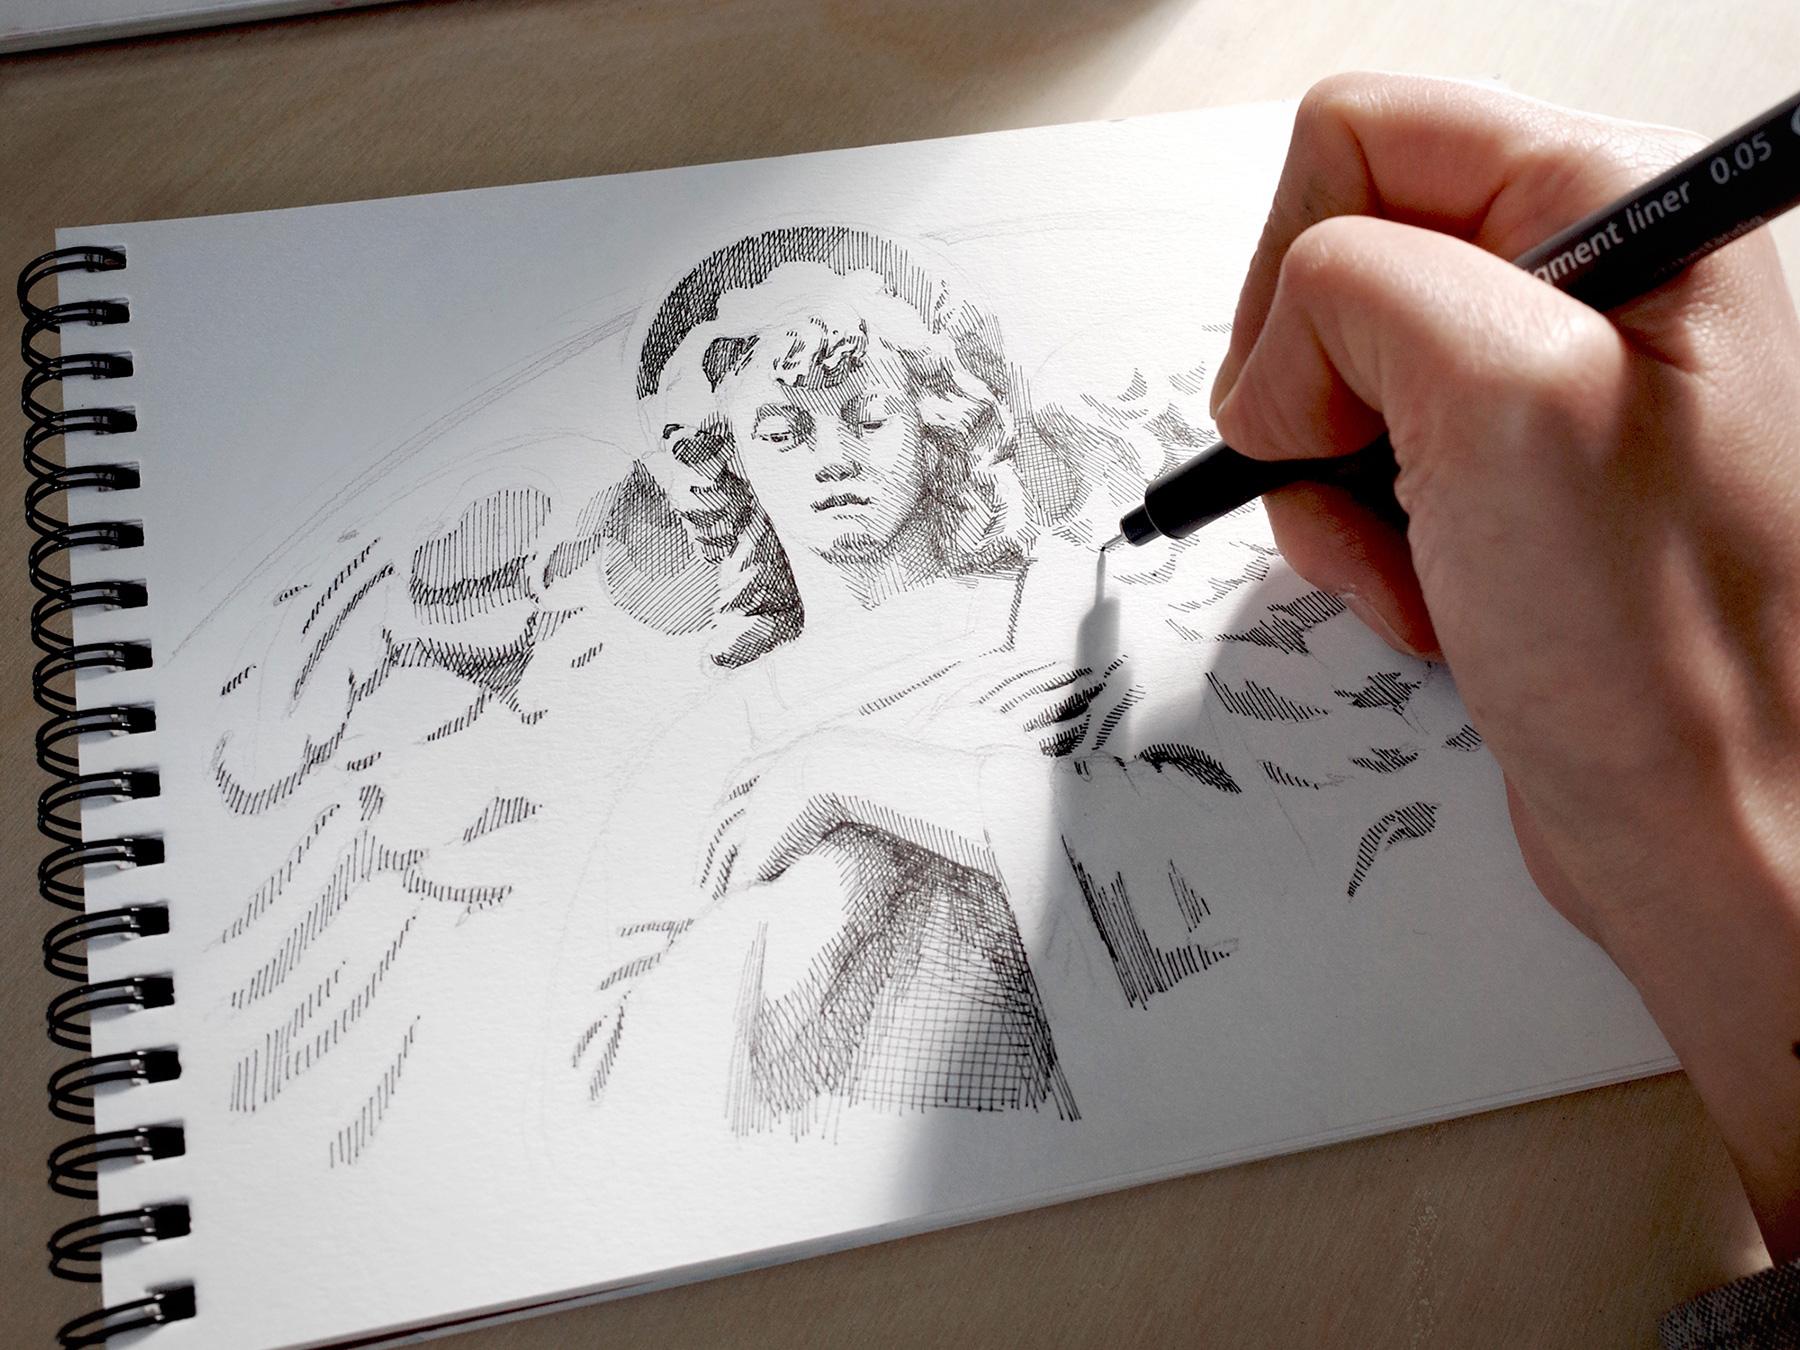 드로잉 수업 : 펜 드로잉